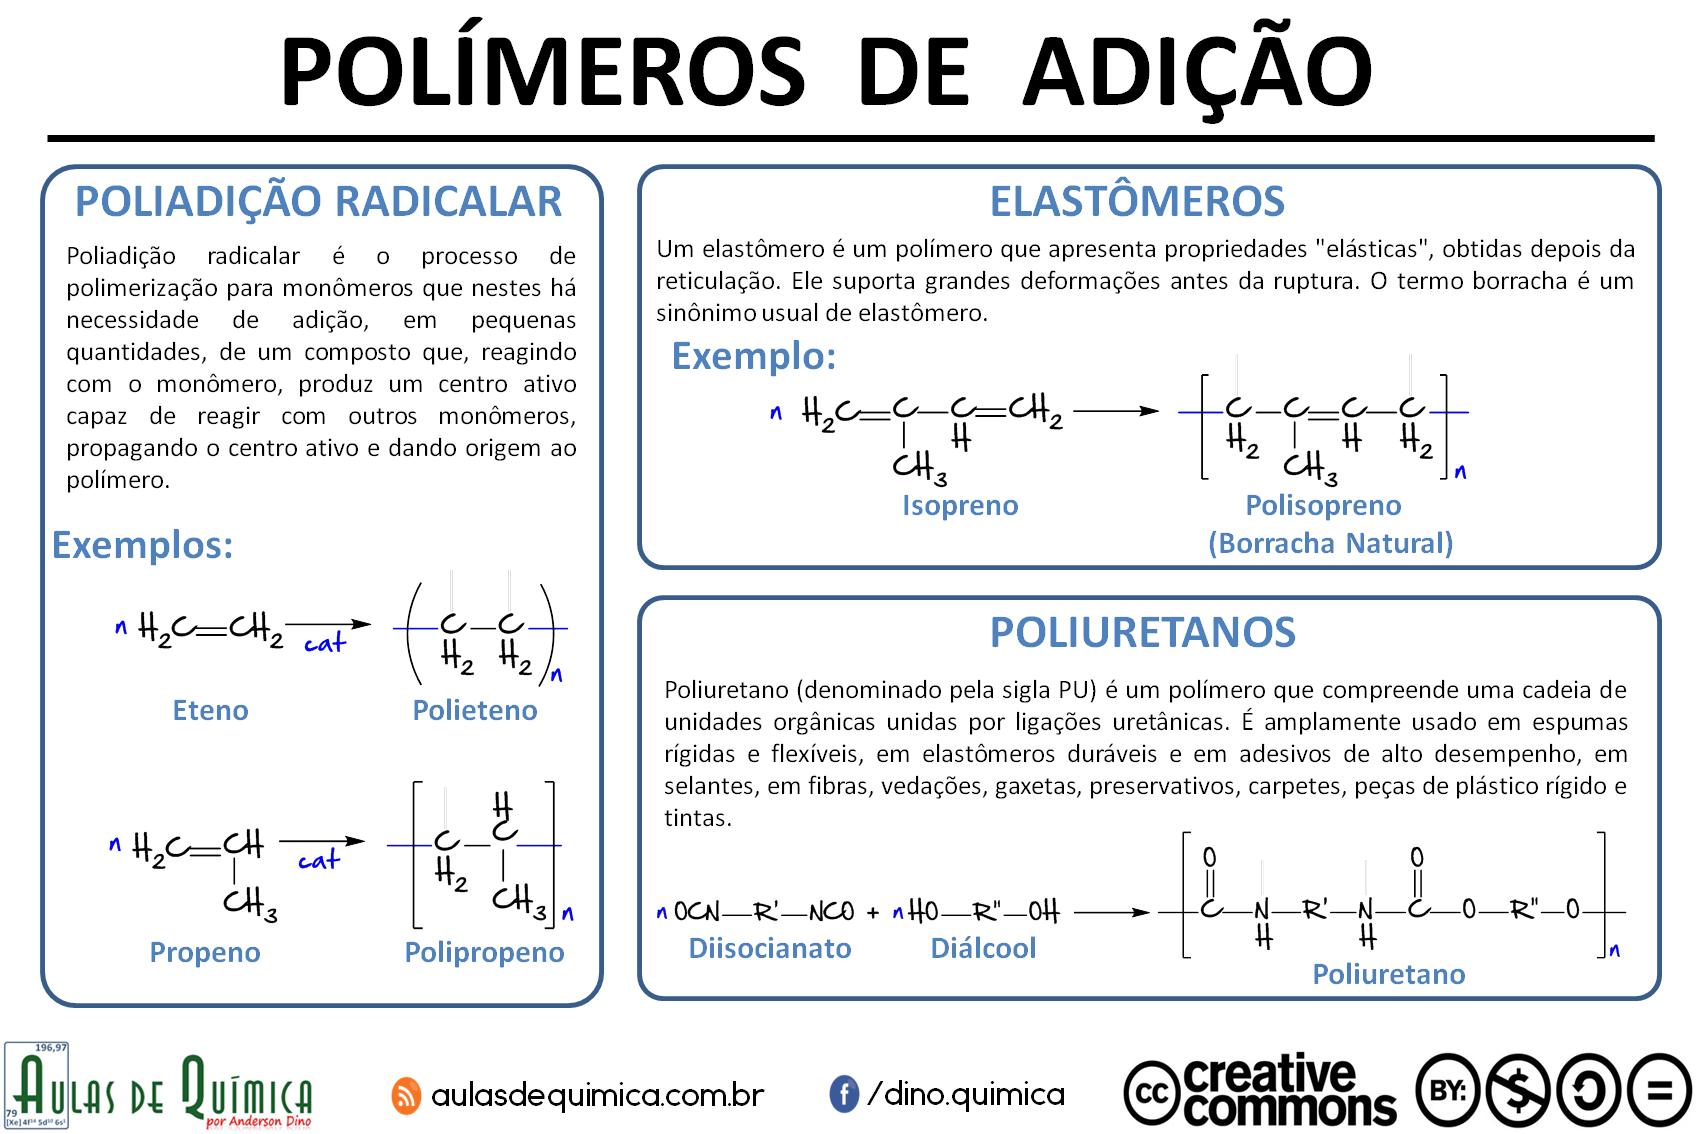 Infográfico sobre Polímeros de Adição - criado por Anderson Dino para o site Aulas de Química - www.aulasdequimica.com.br